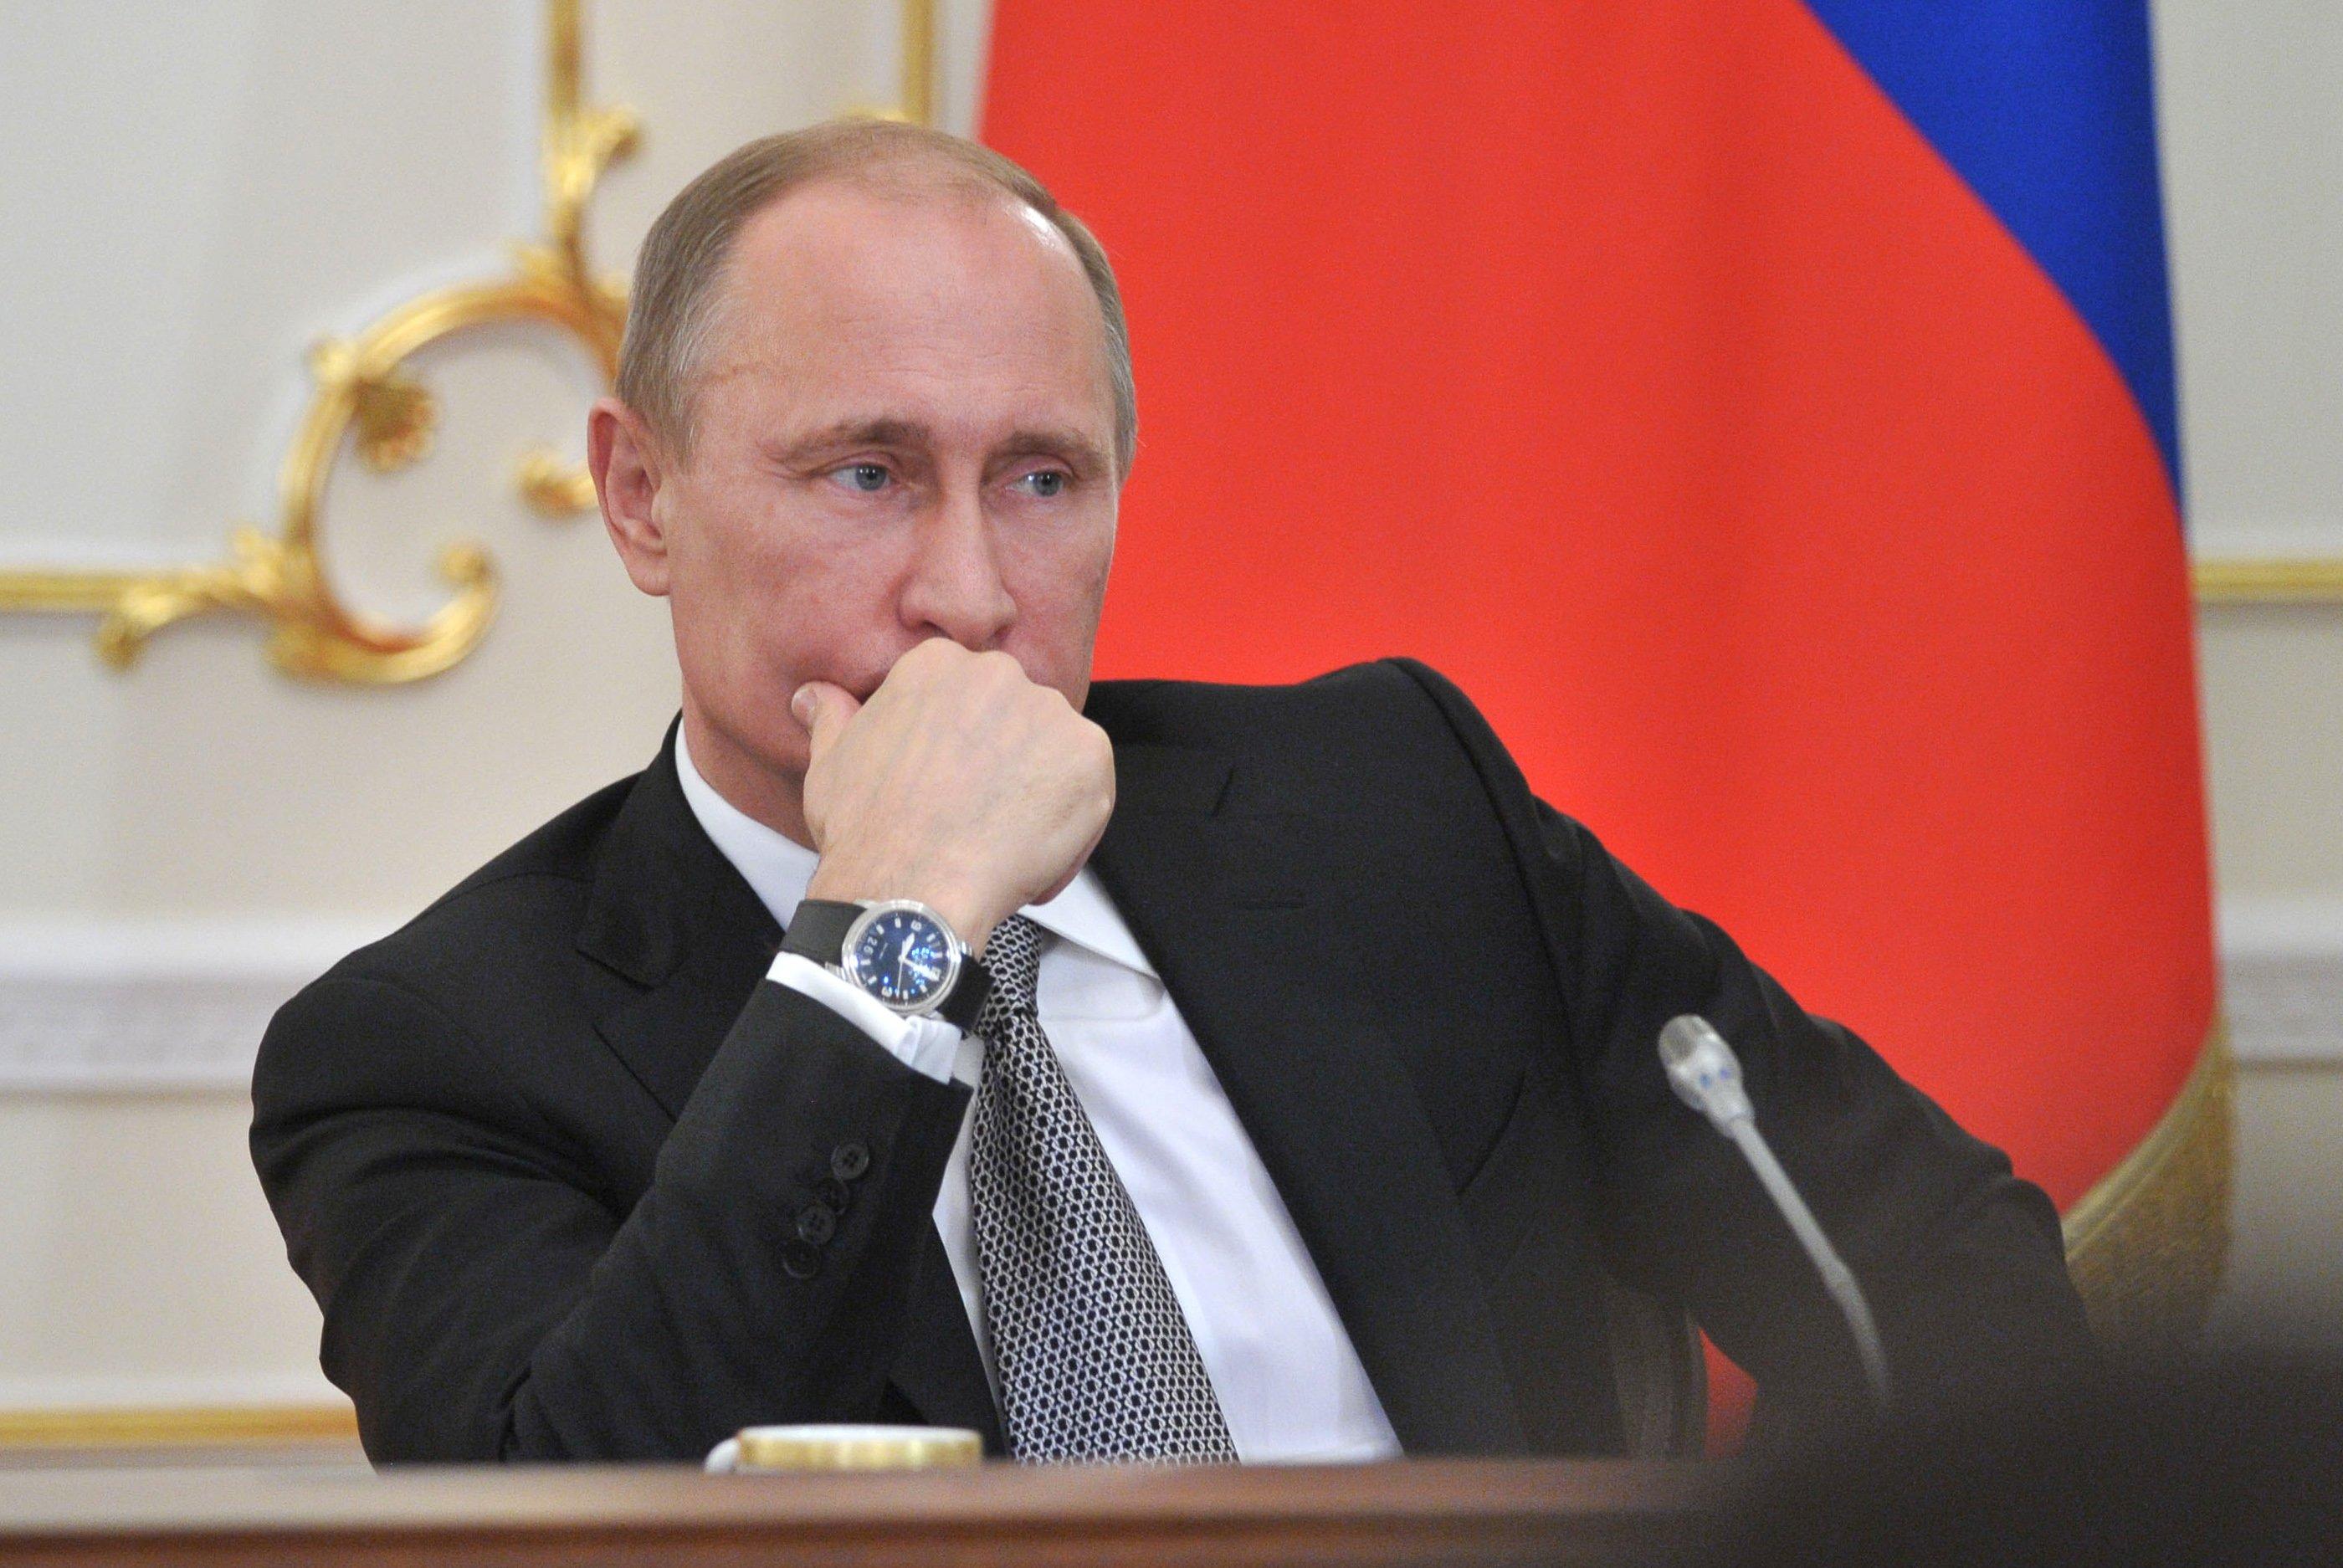 У Владимира Владимировича Путина сегодня день рождения. - Изображение 1